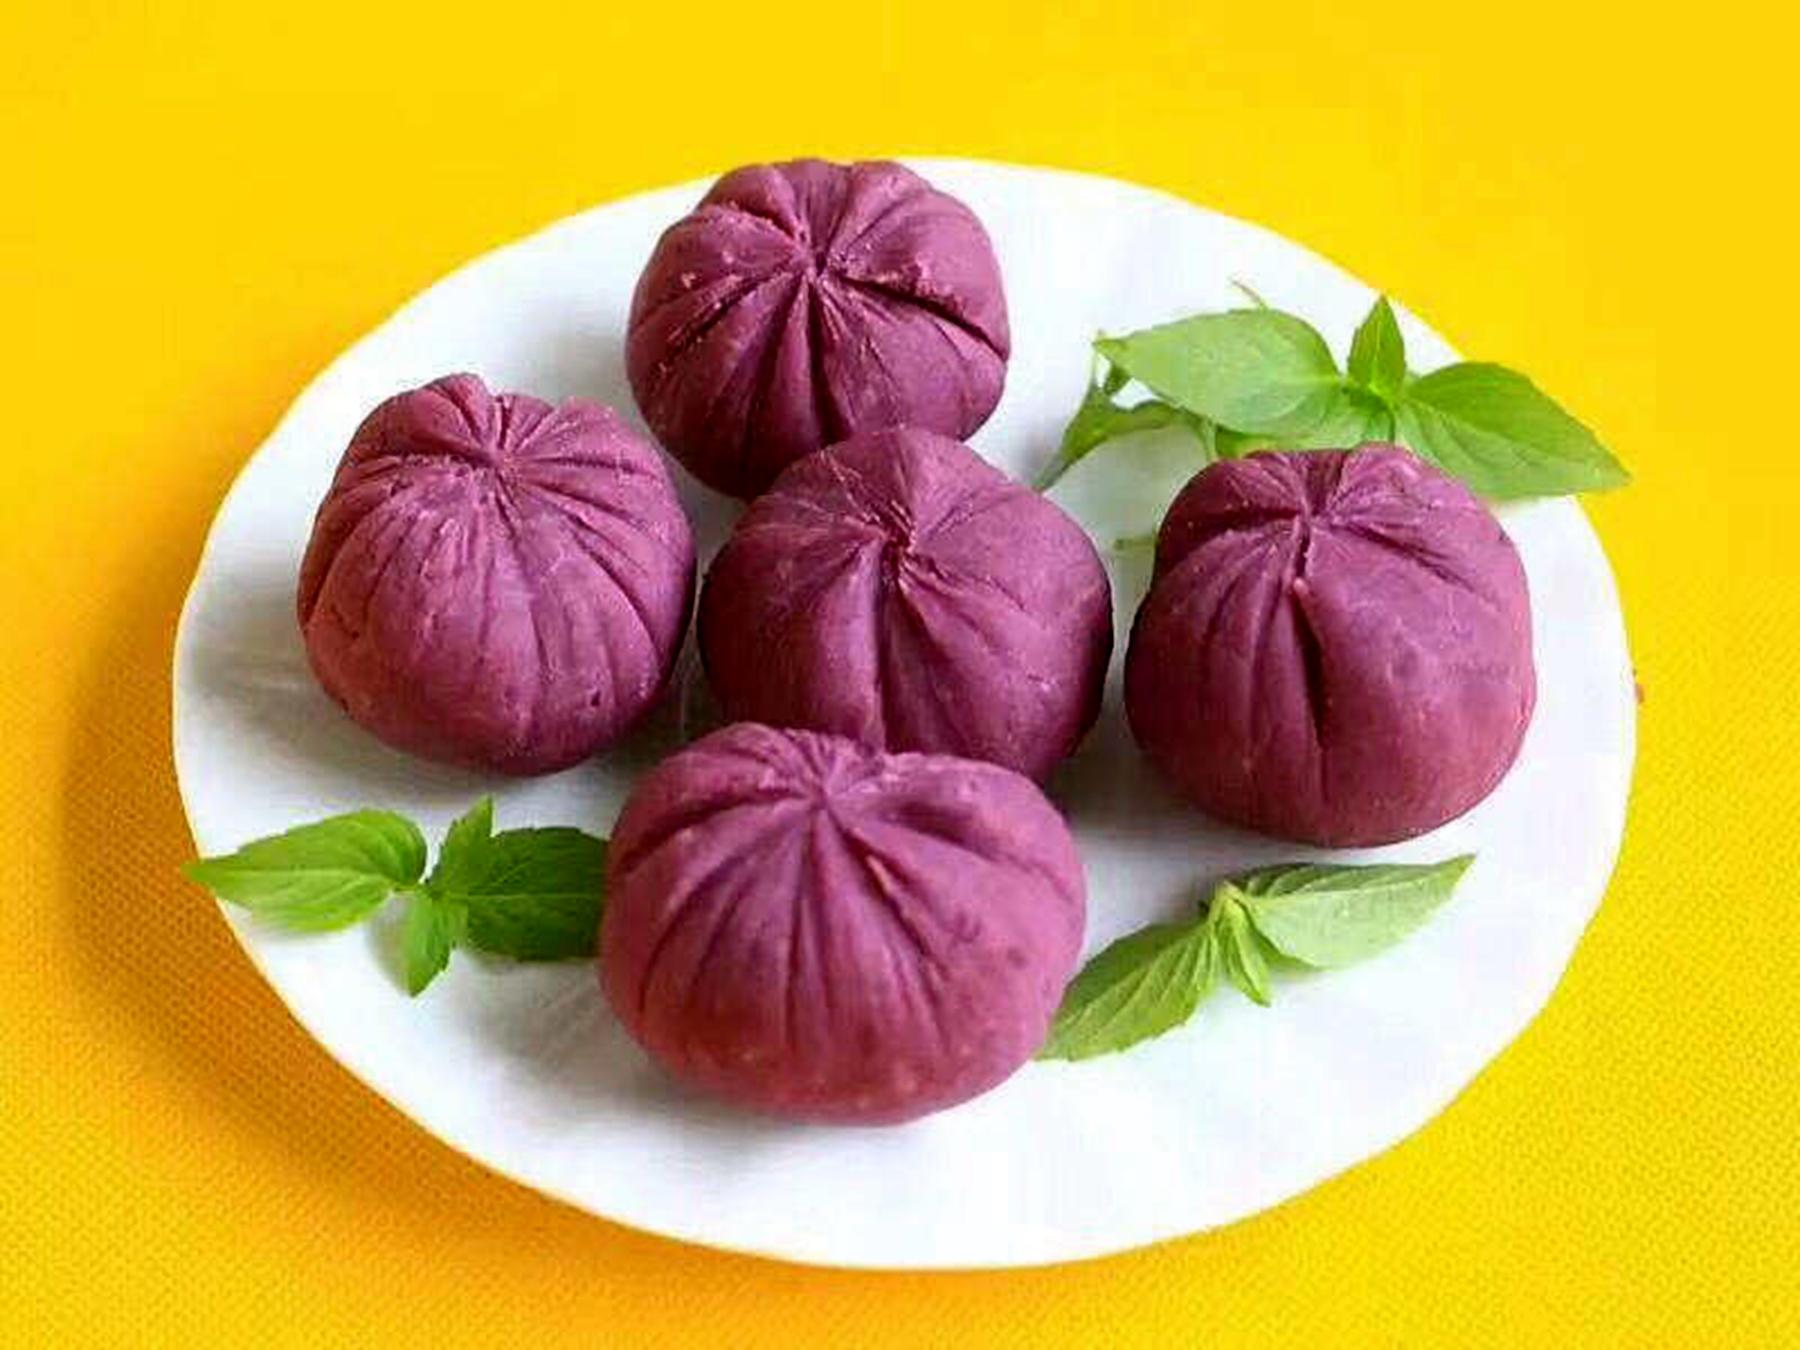 吃紫薯,功效好,天天变花样,不同的紫薯面点图片